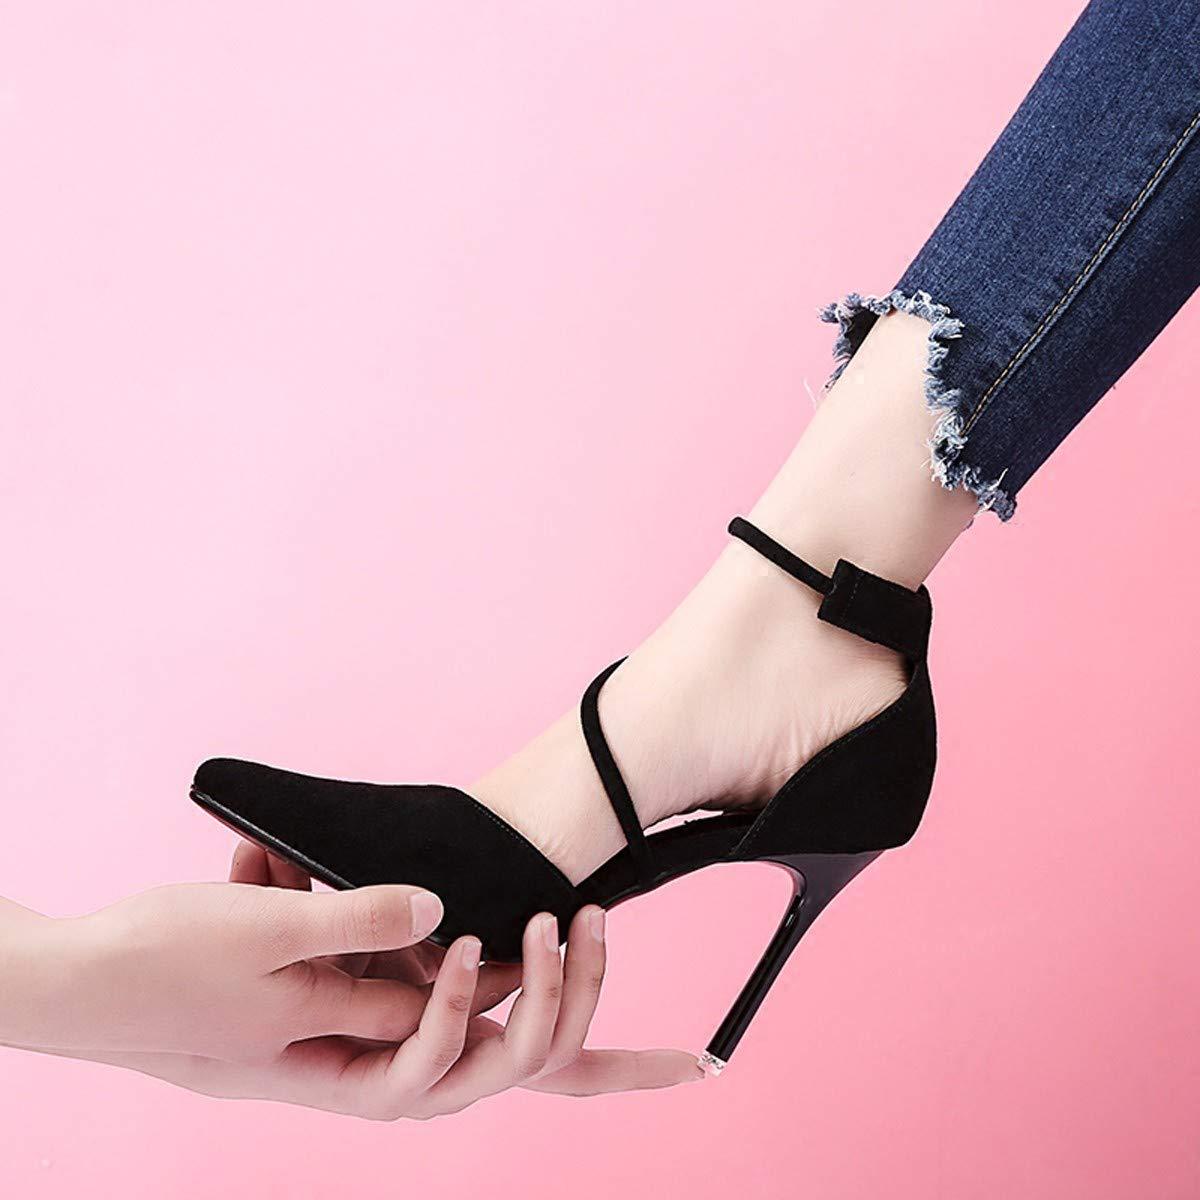 LBTSQ-Hochhackige Schuhe Single 10cm Spitz und dünn mit mit mit Einem Gurt schnallt Alle Arten von damenschuhen. 1649be